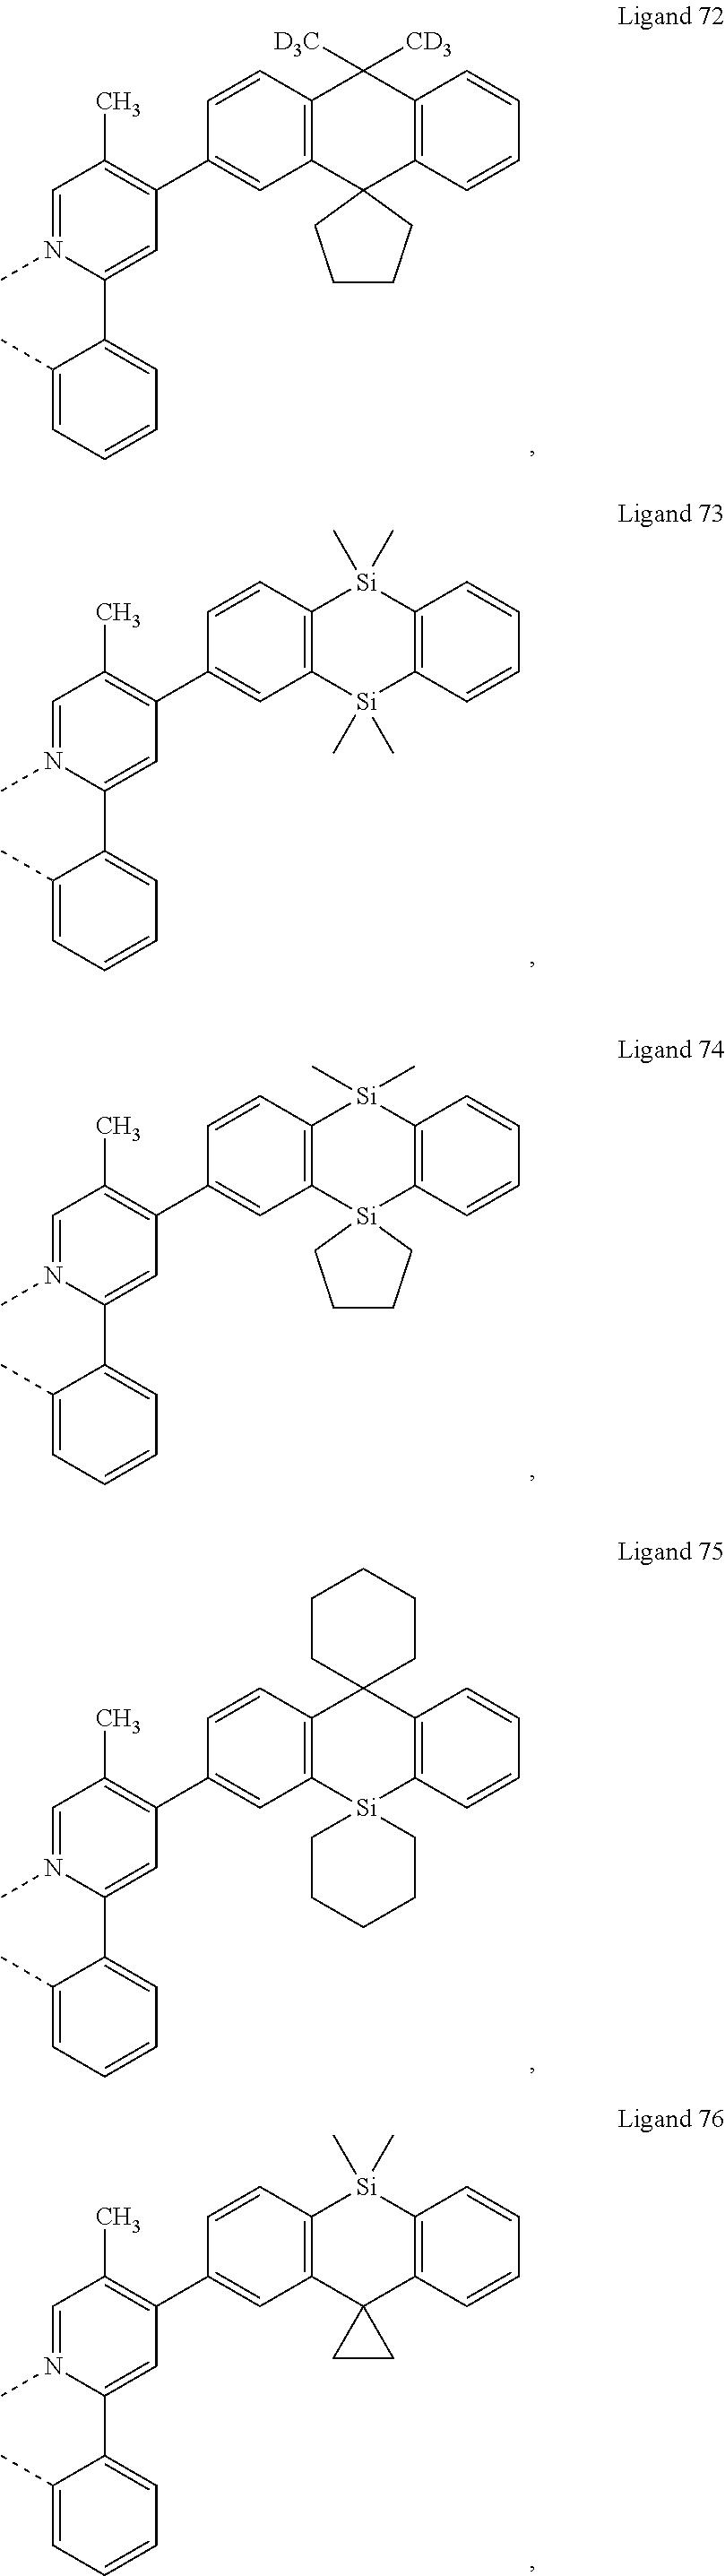 Figure US20180130962A1-20180510-C00243